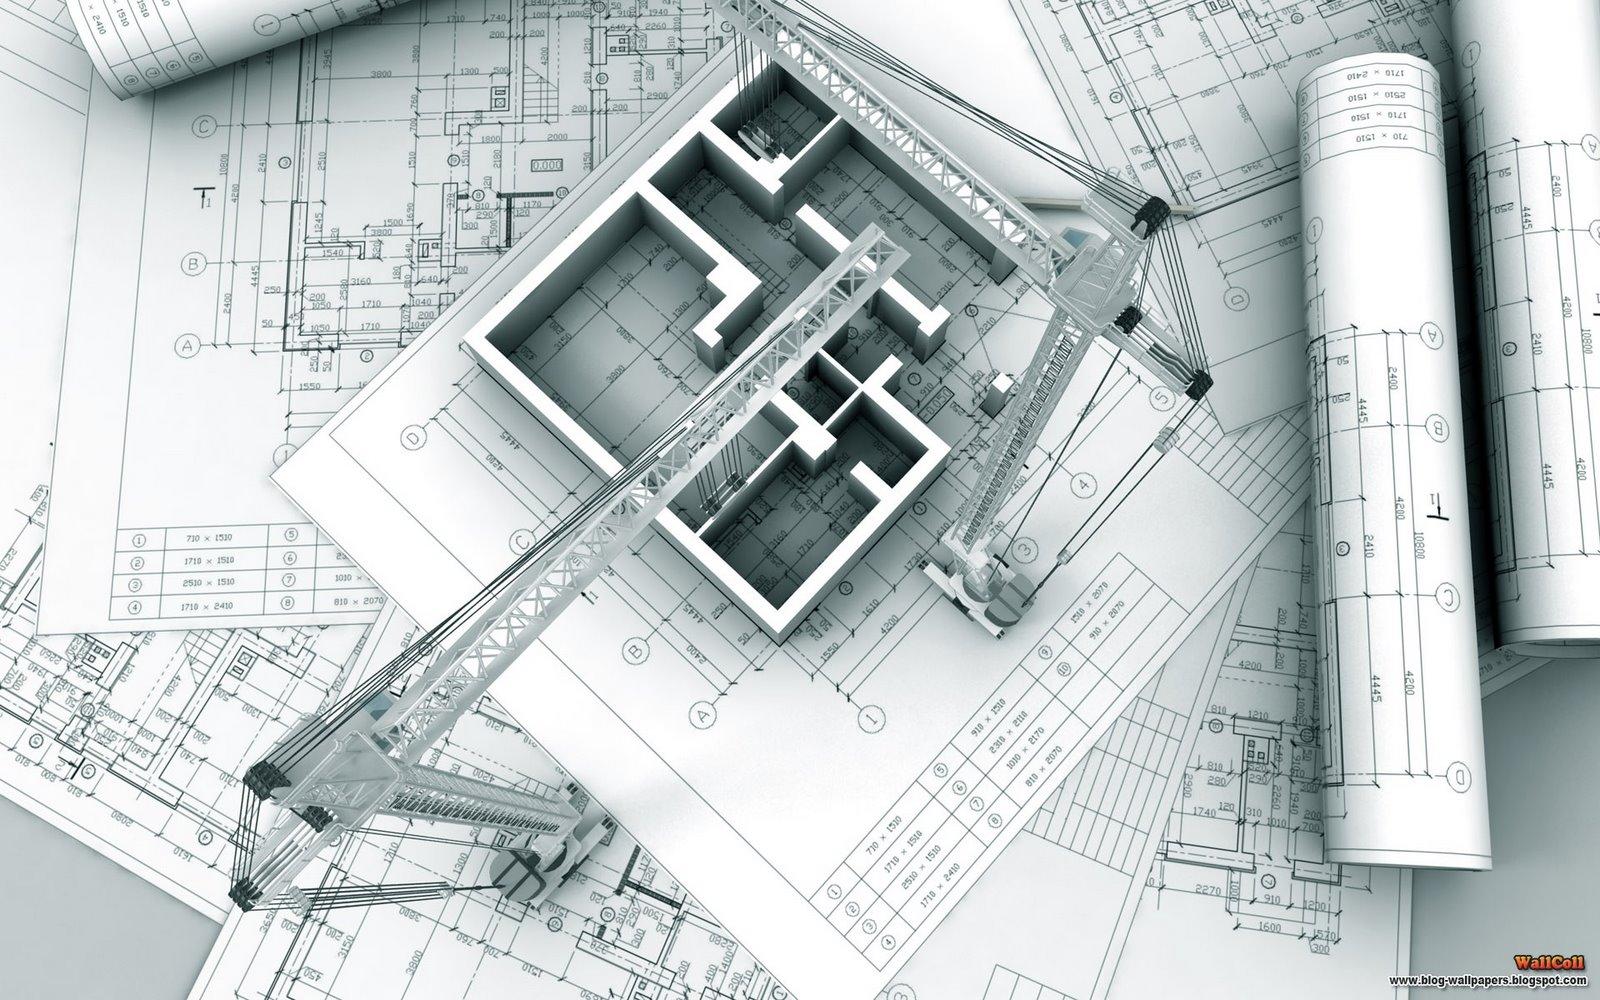 D Building Construction